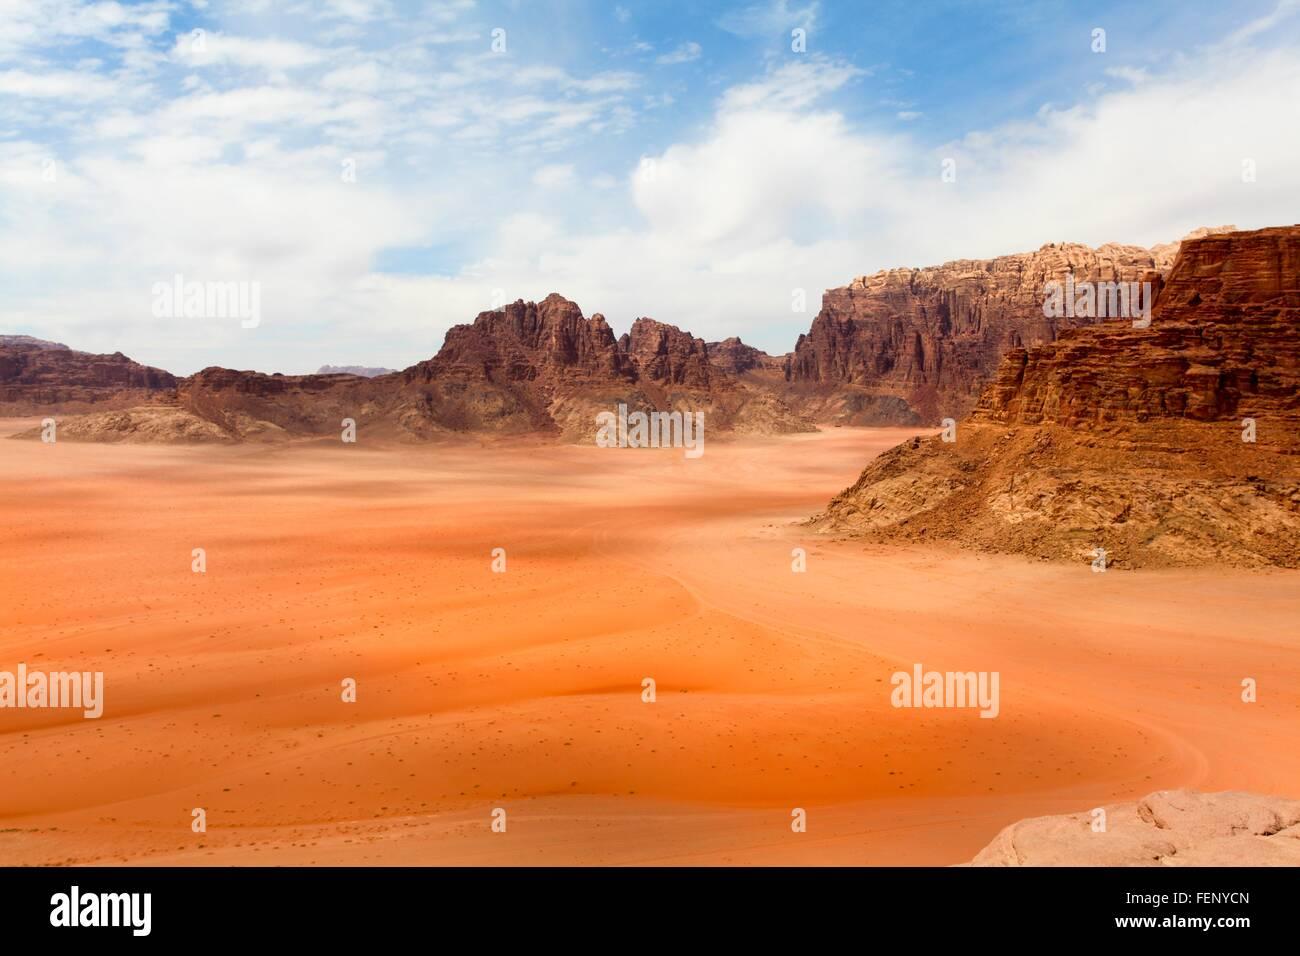 Vista elevada de postre y cordillera, Wadi Ram, Jordania Imagen De Stock